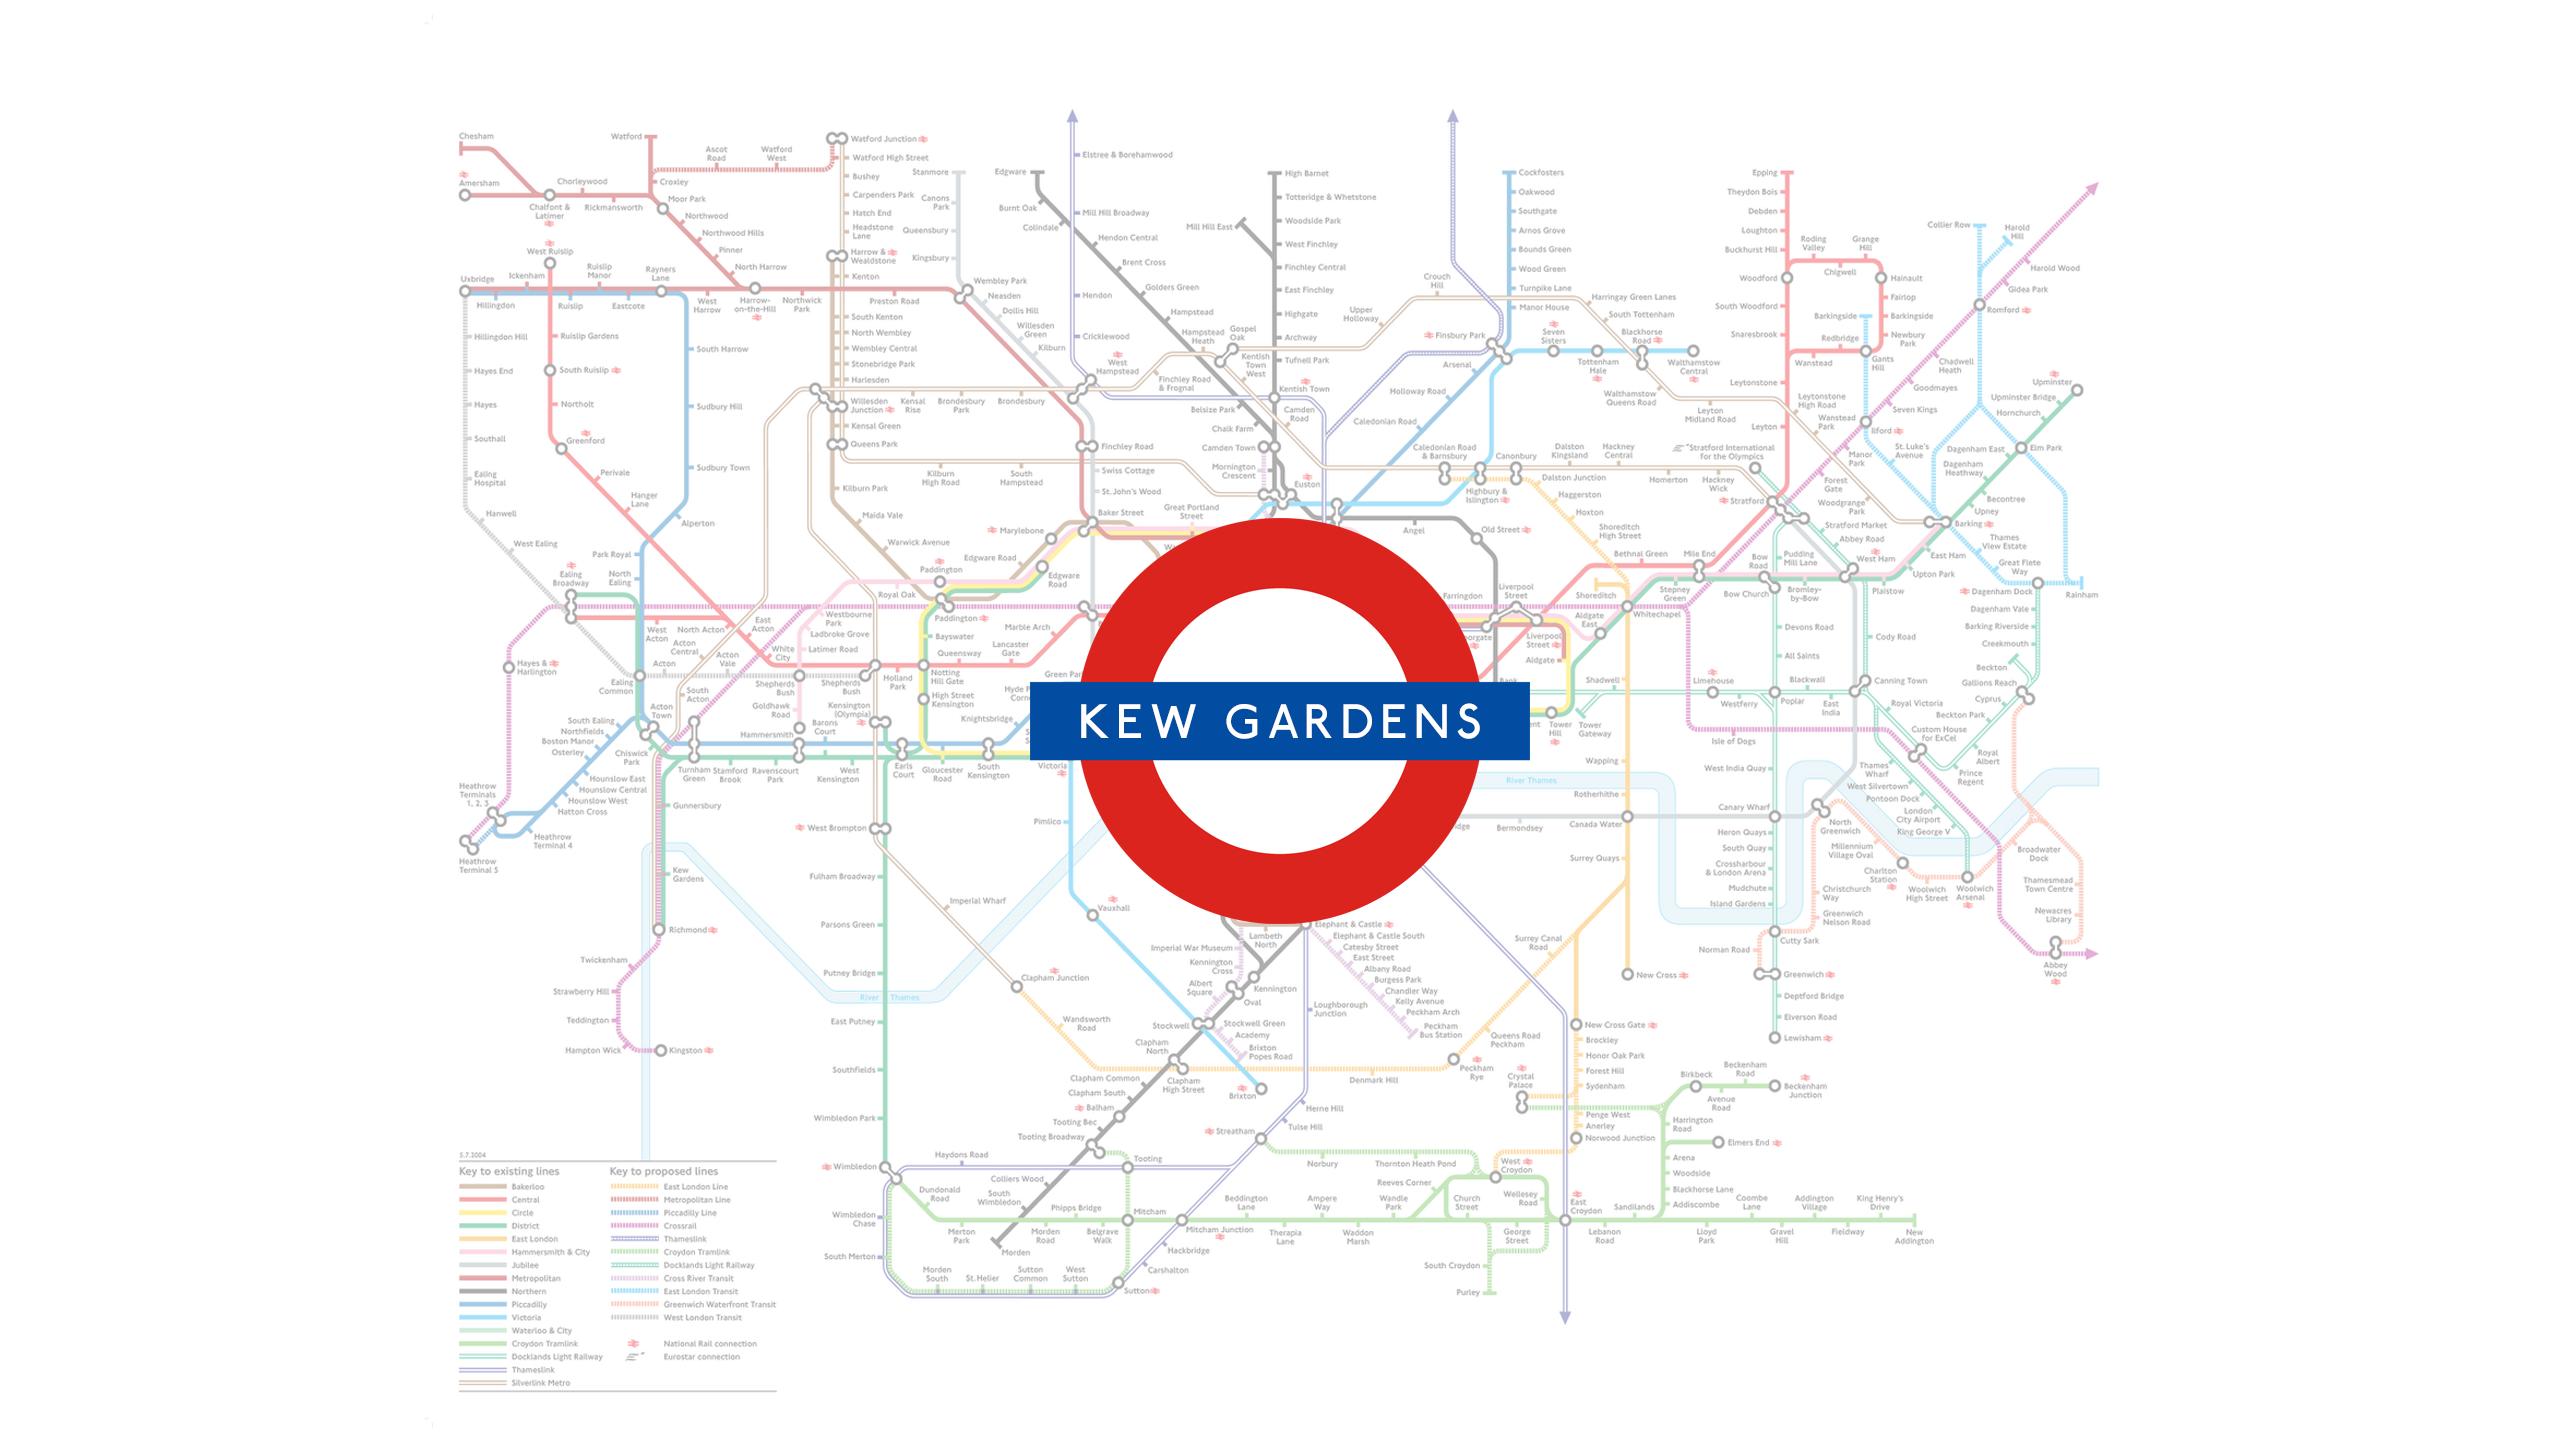 Kew Gardens (Map)